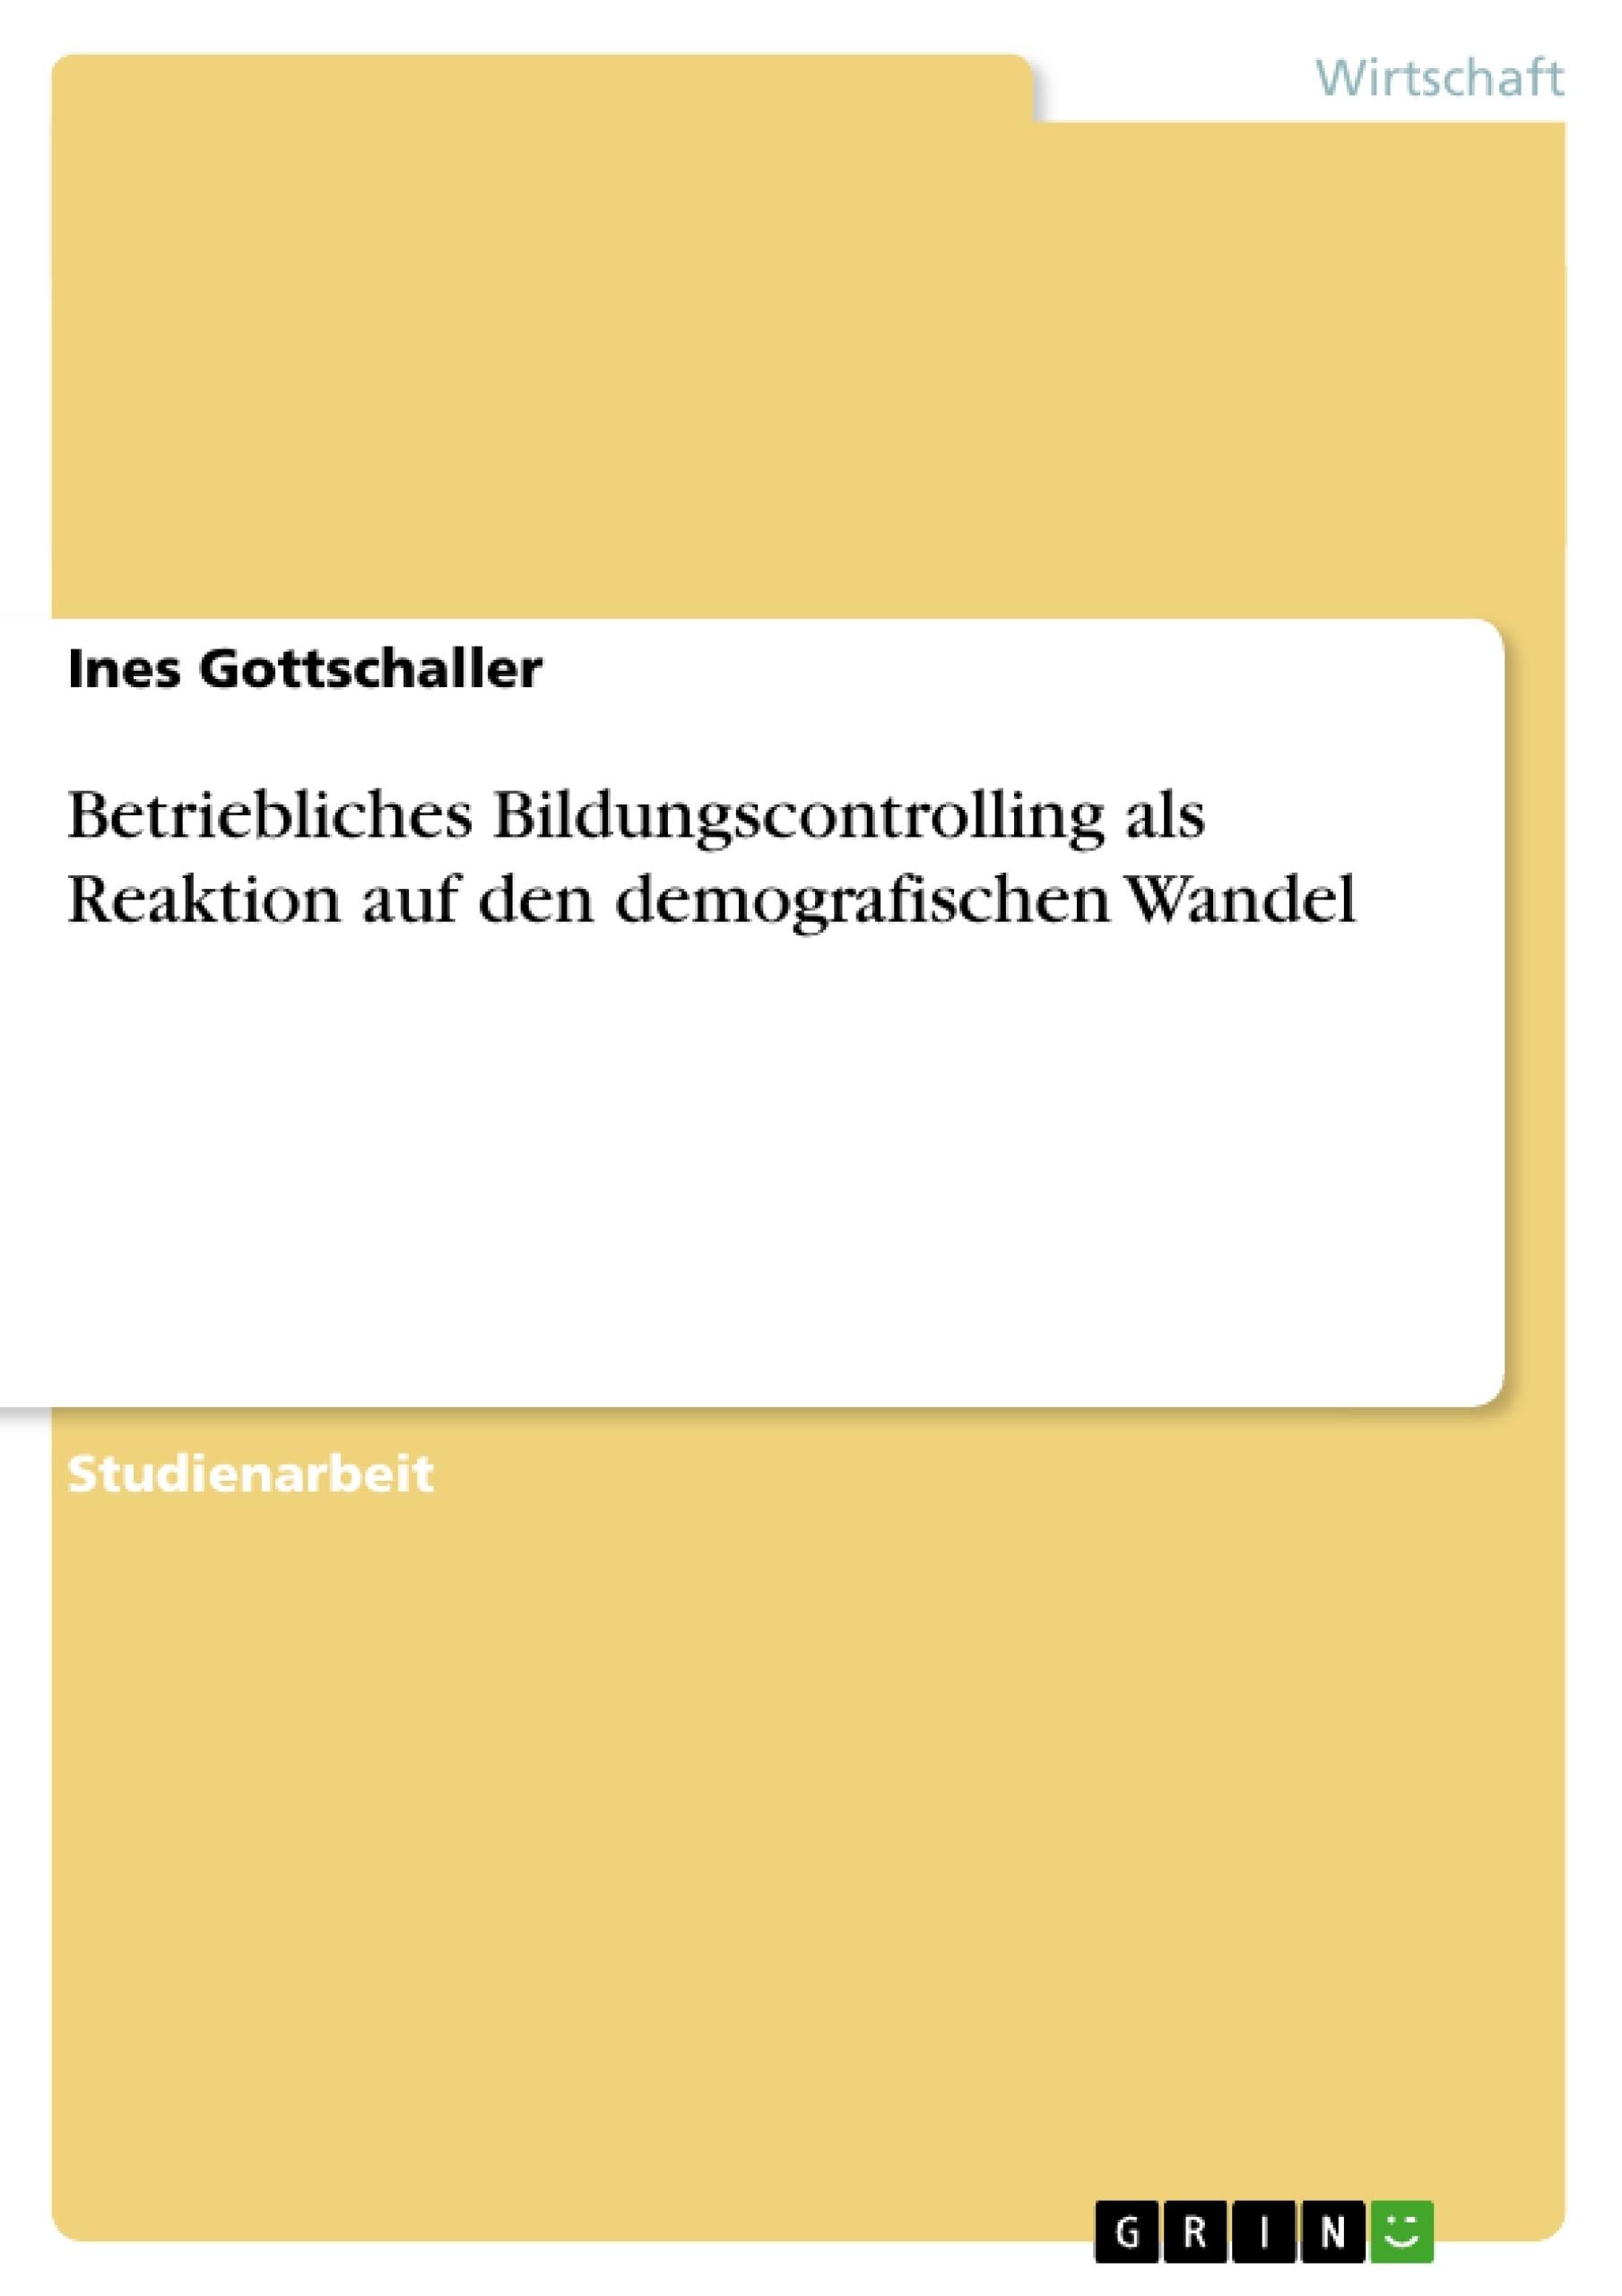 Titel: Betriebliches Bildungscontrolling als Reaktion auf den demografischen Wandel